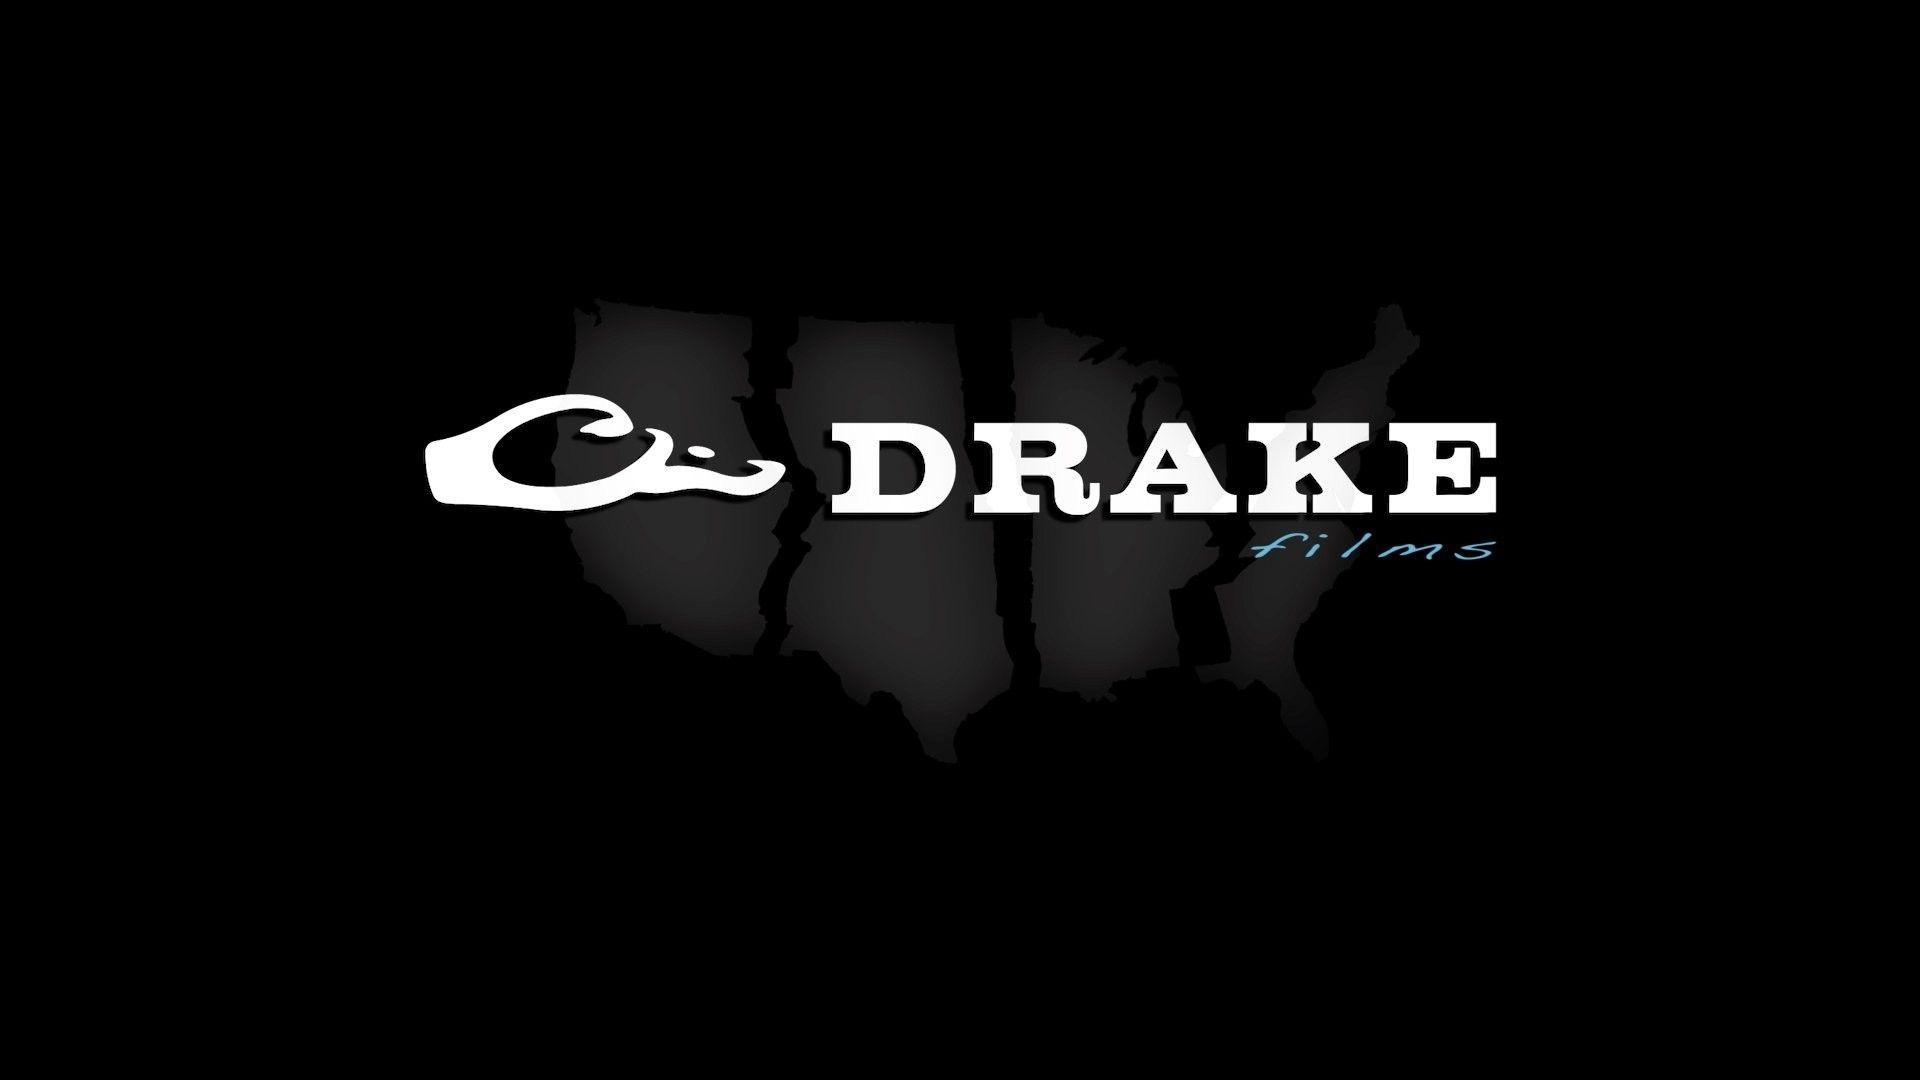 1920x1080 Drake Waterfowl Wallpaper  C2 B7 E2 91 A0